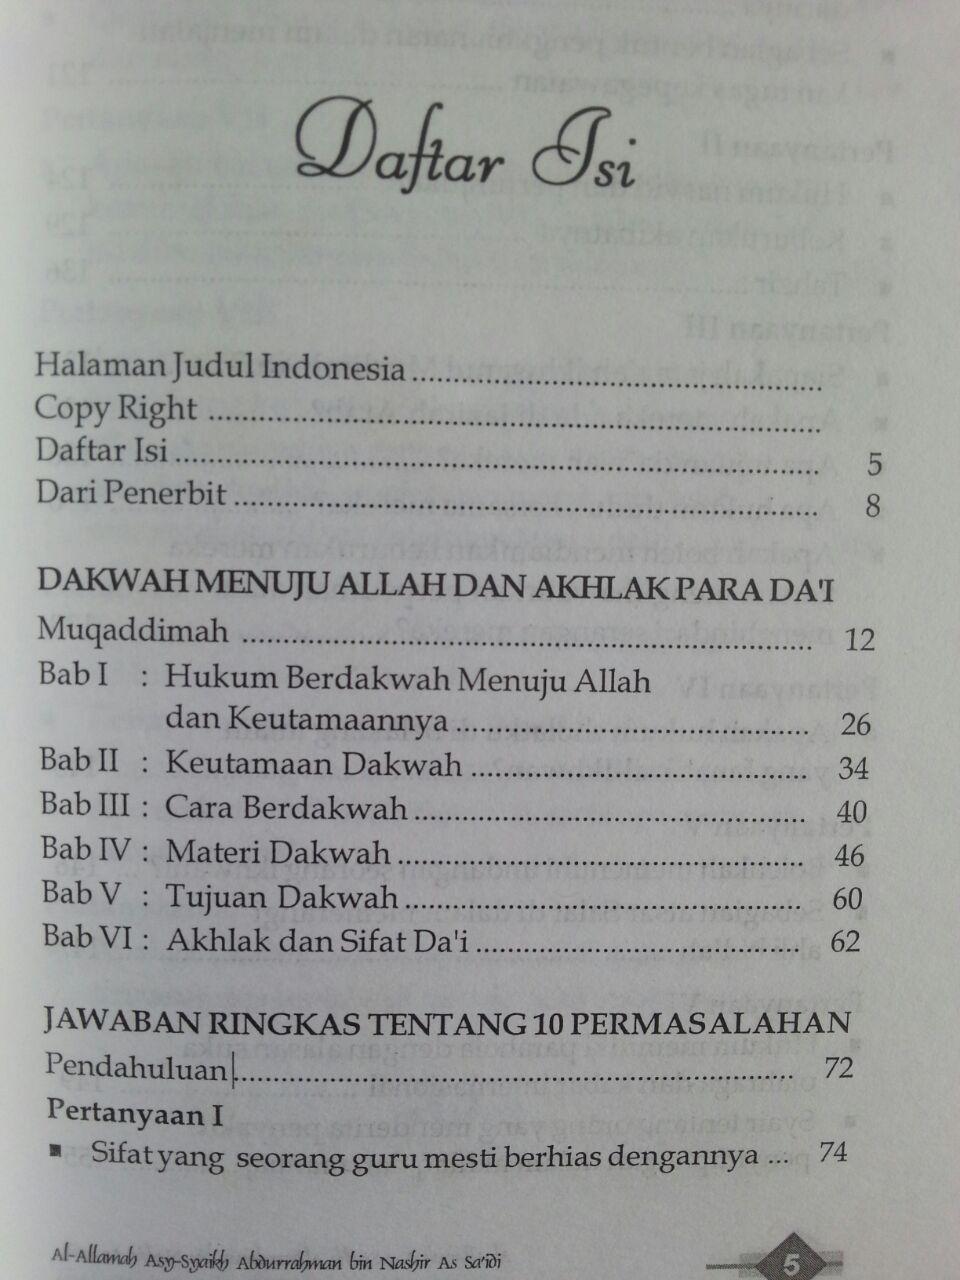 Buku Dakwah Dan Akhlak Dai isi 2